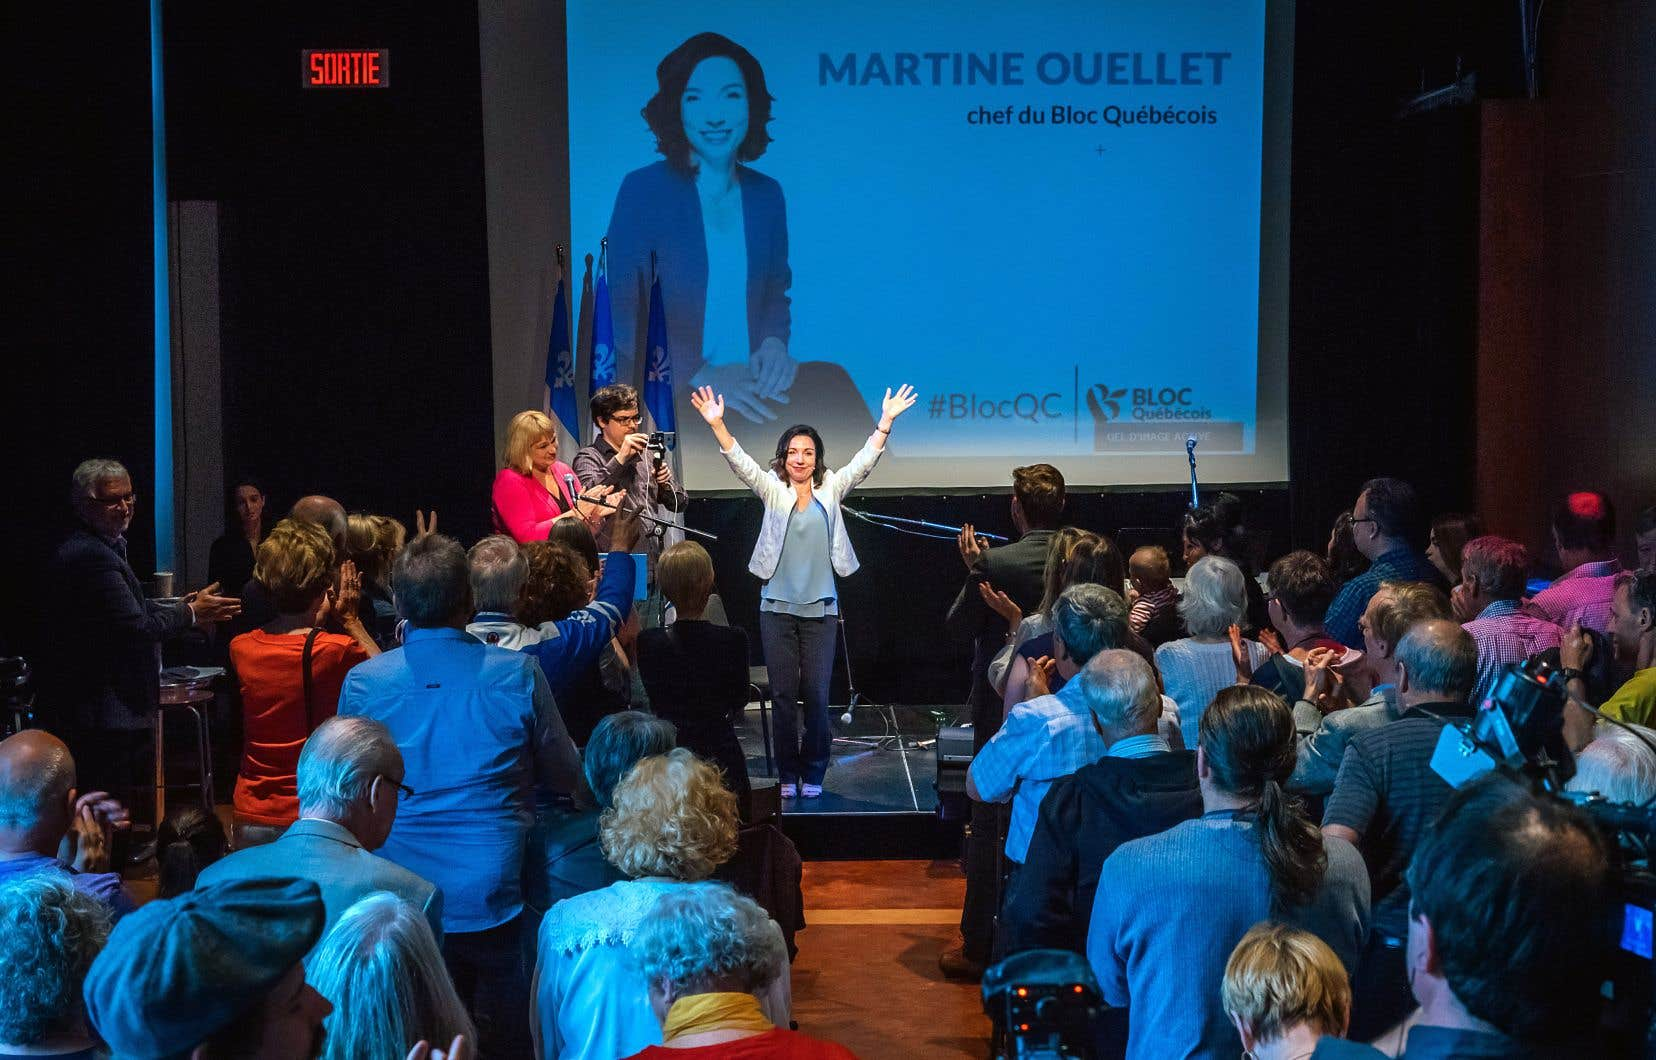 Lors d'un discours d'une trentaine de minutes, Martine Ouellet a notamment affirmé qu'il ne faut pas avoir peur de parler d'indépendance dans l'espace public.